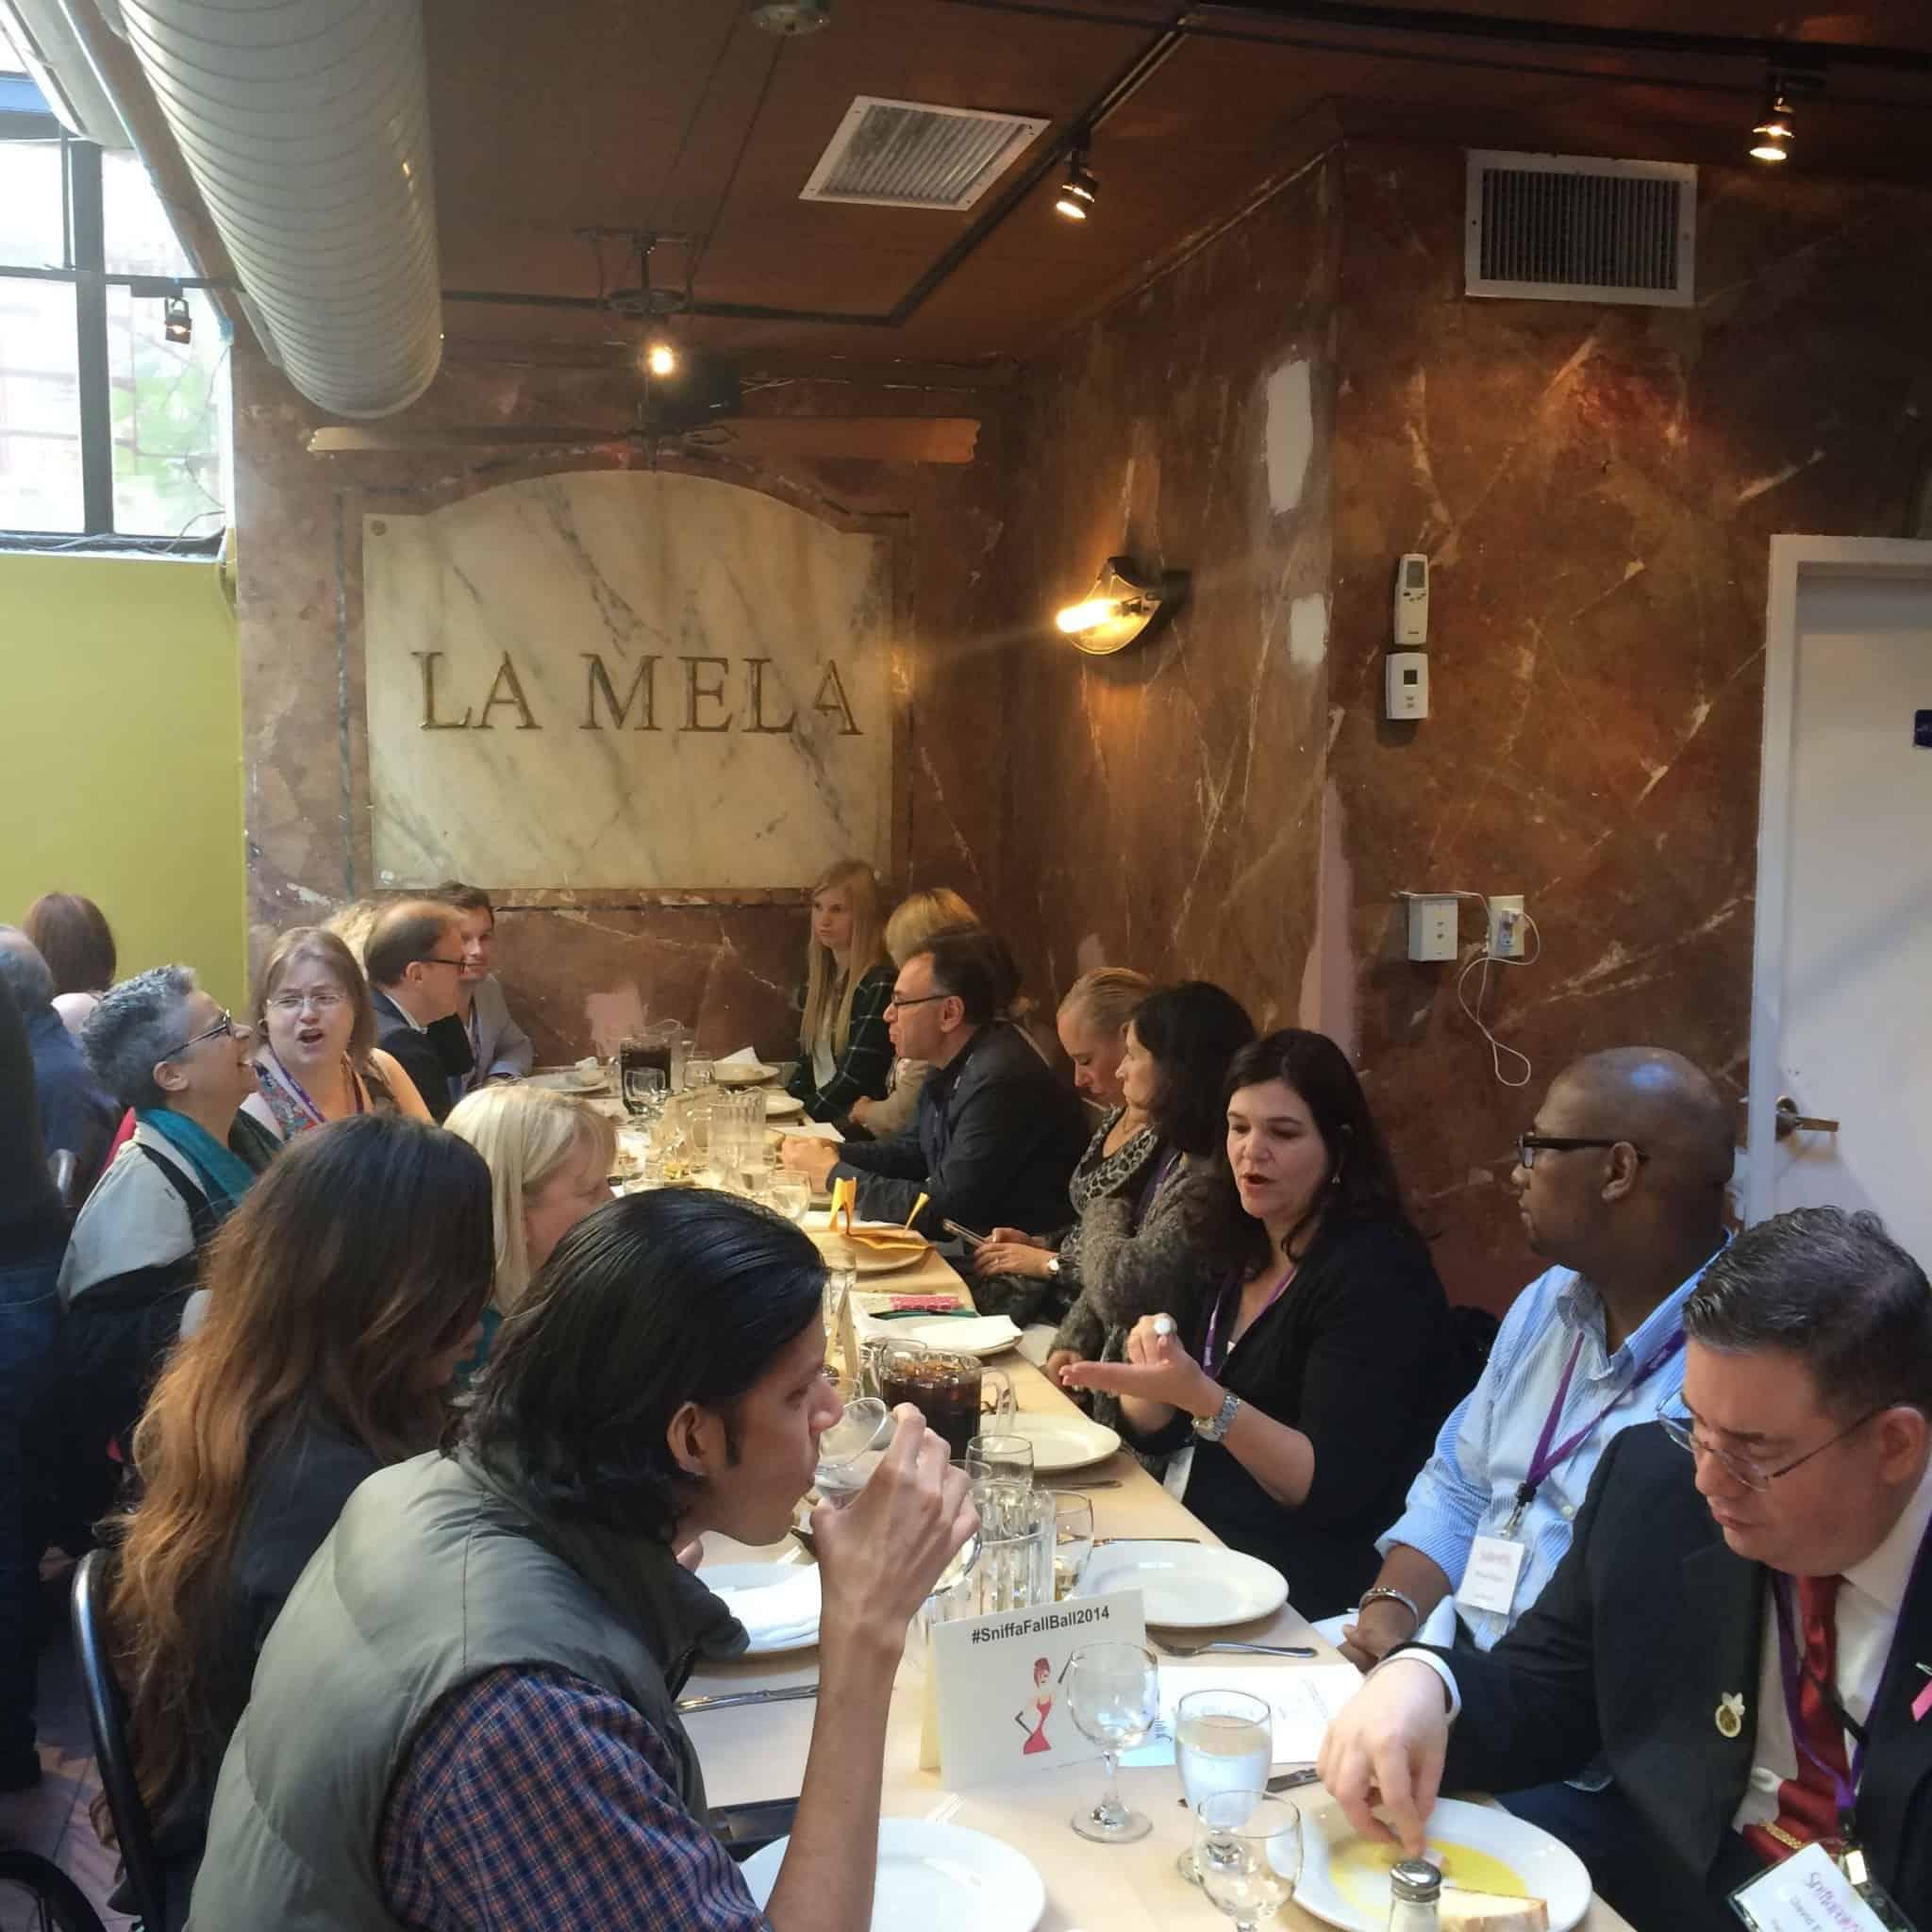 Luncheon at La Mela